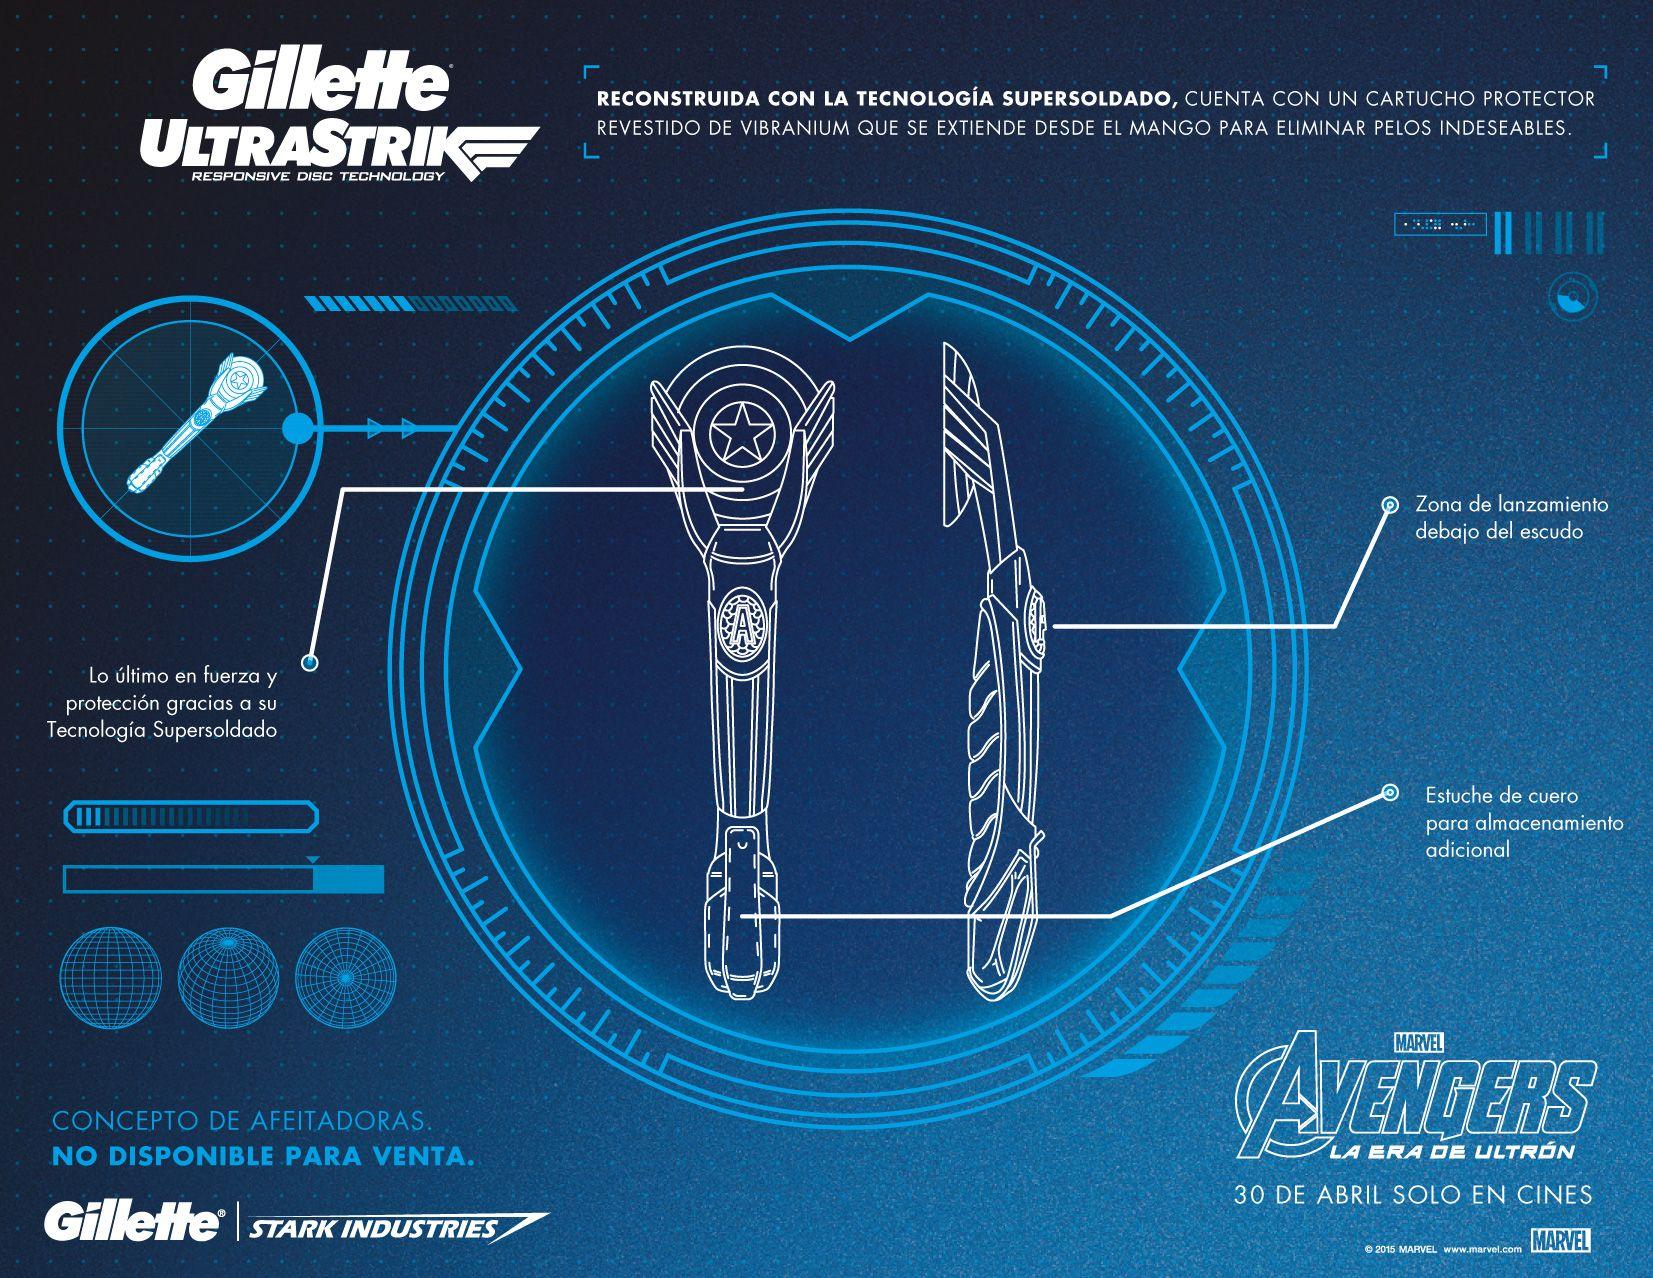 Super Afeitadoras GILLETTE inspirada en The Avengers @Marvel